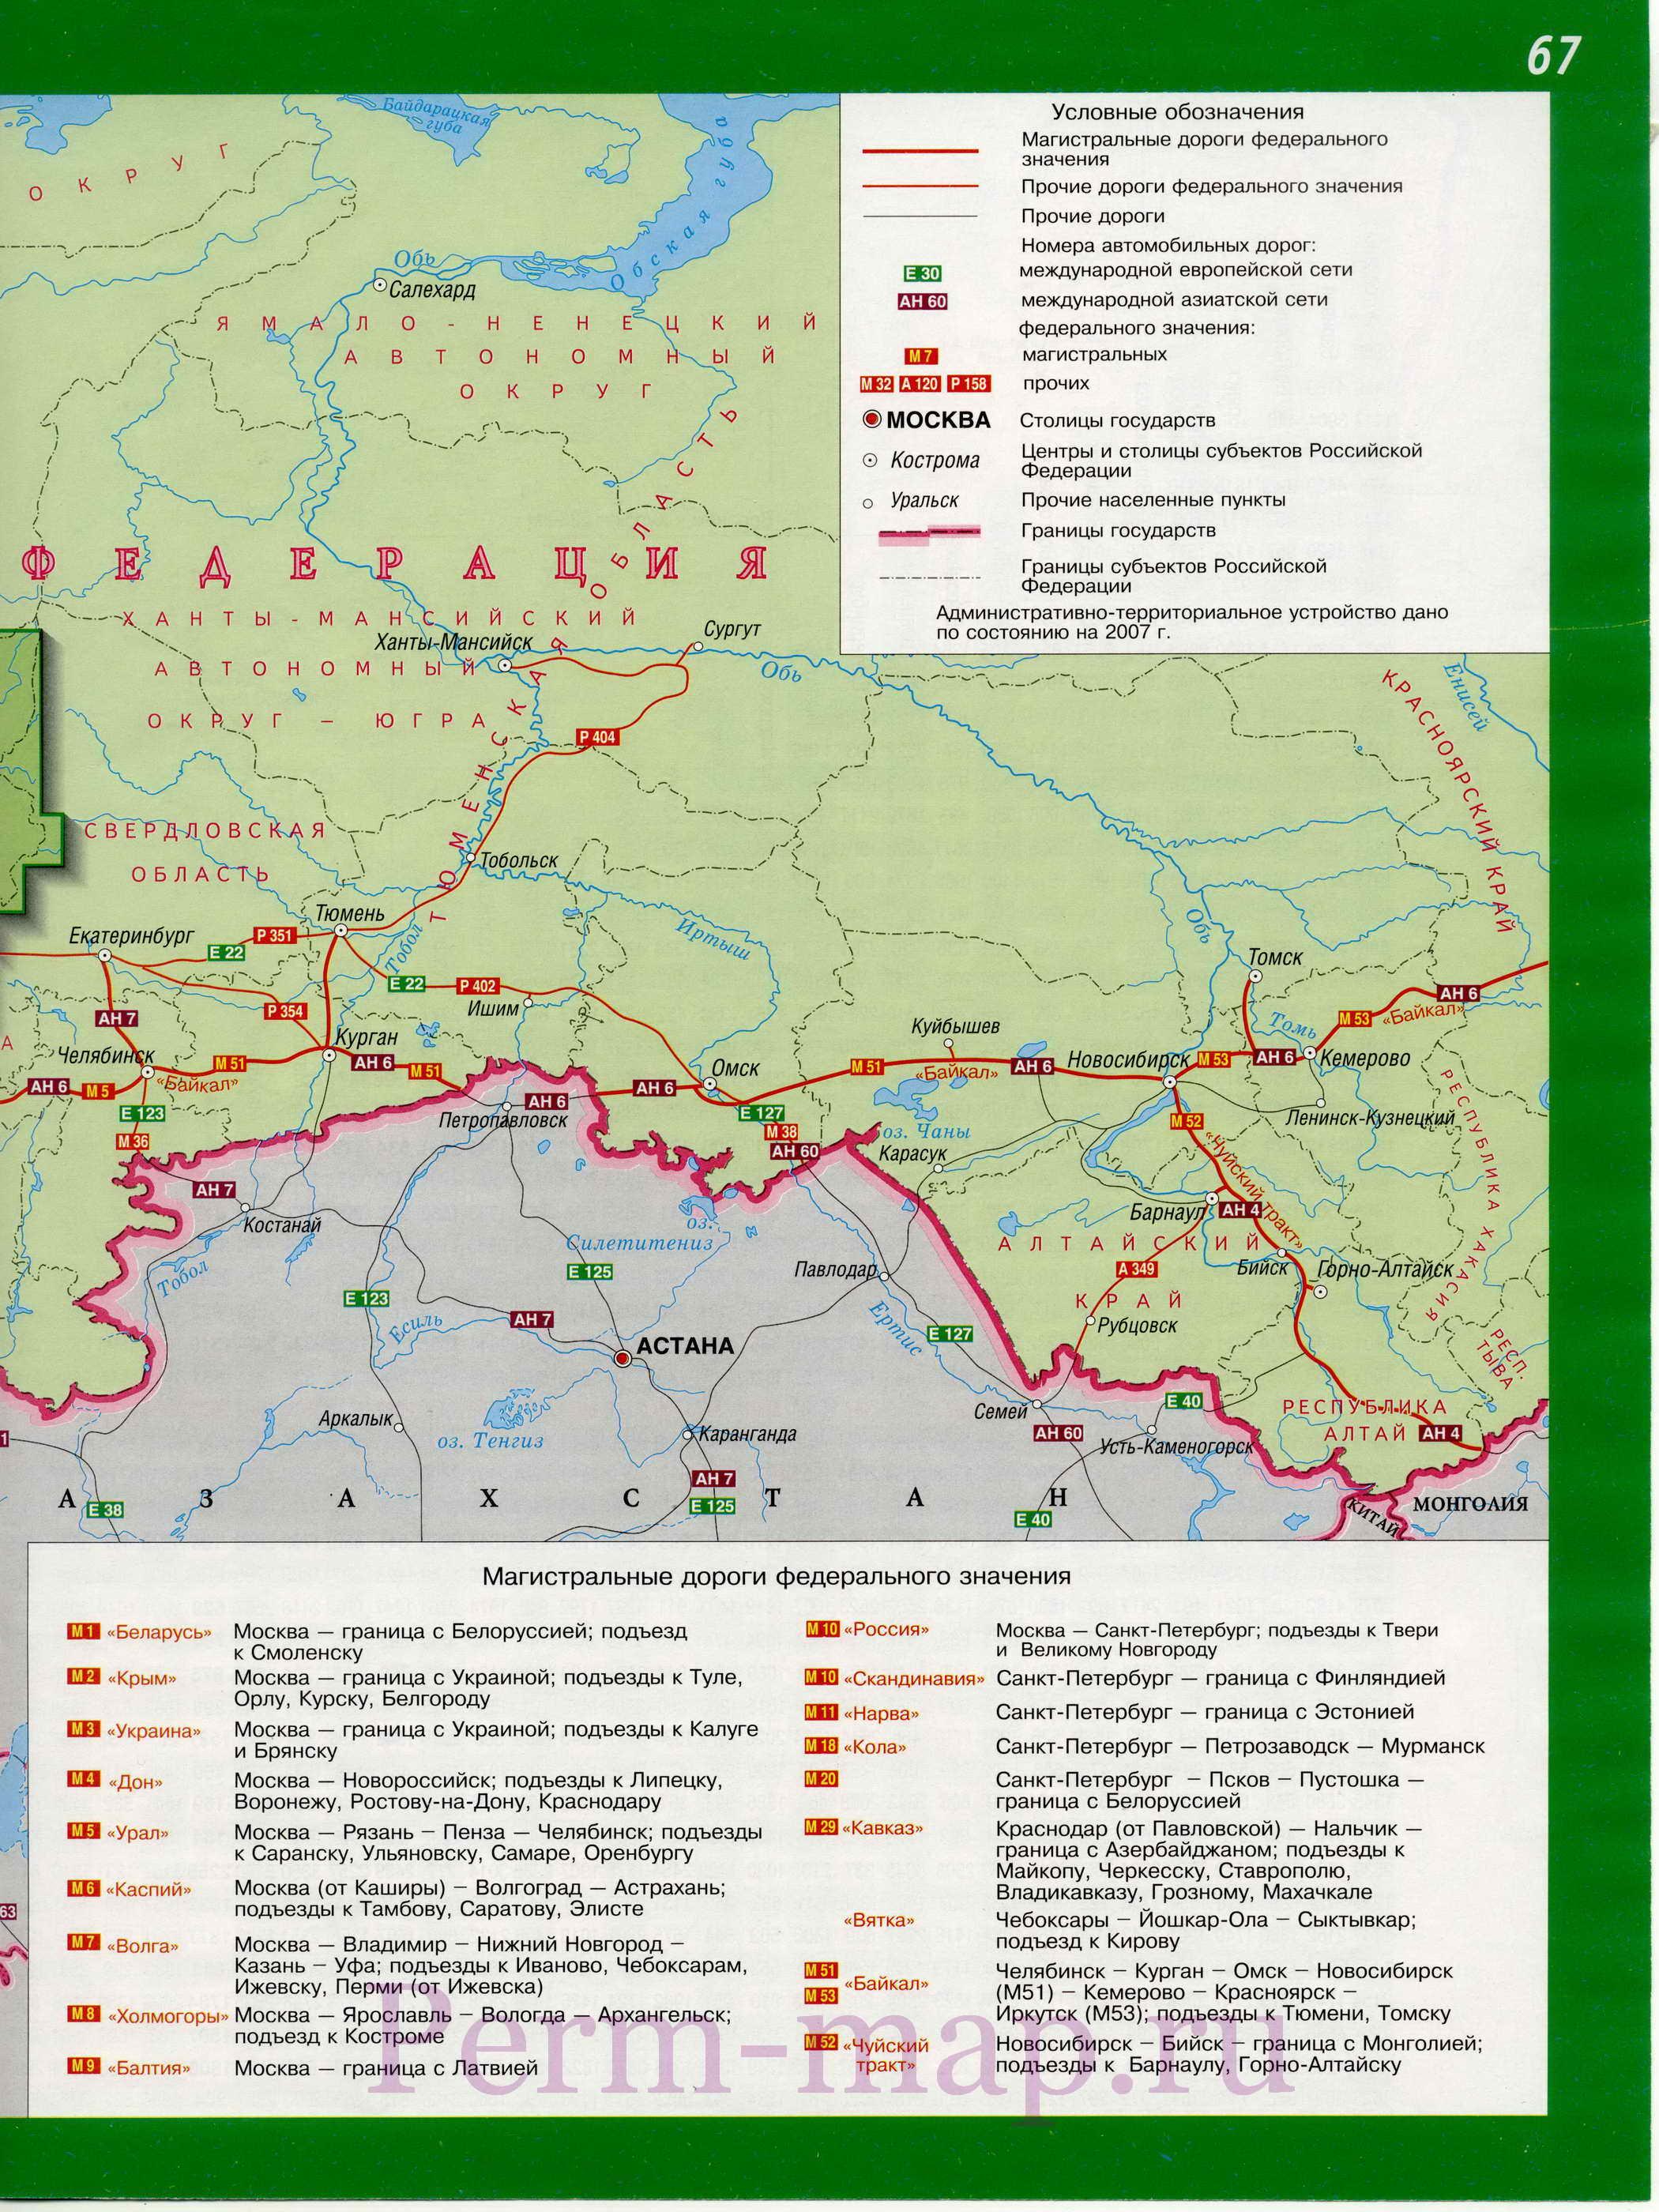 Карта схема важнейших автомобильных дорог России.  Магистральные автомобильные дороги России.